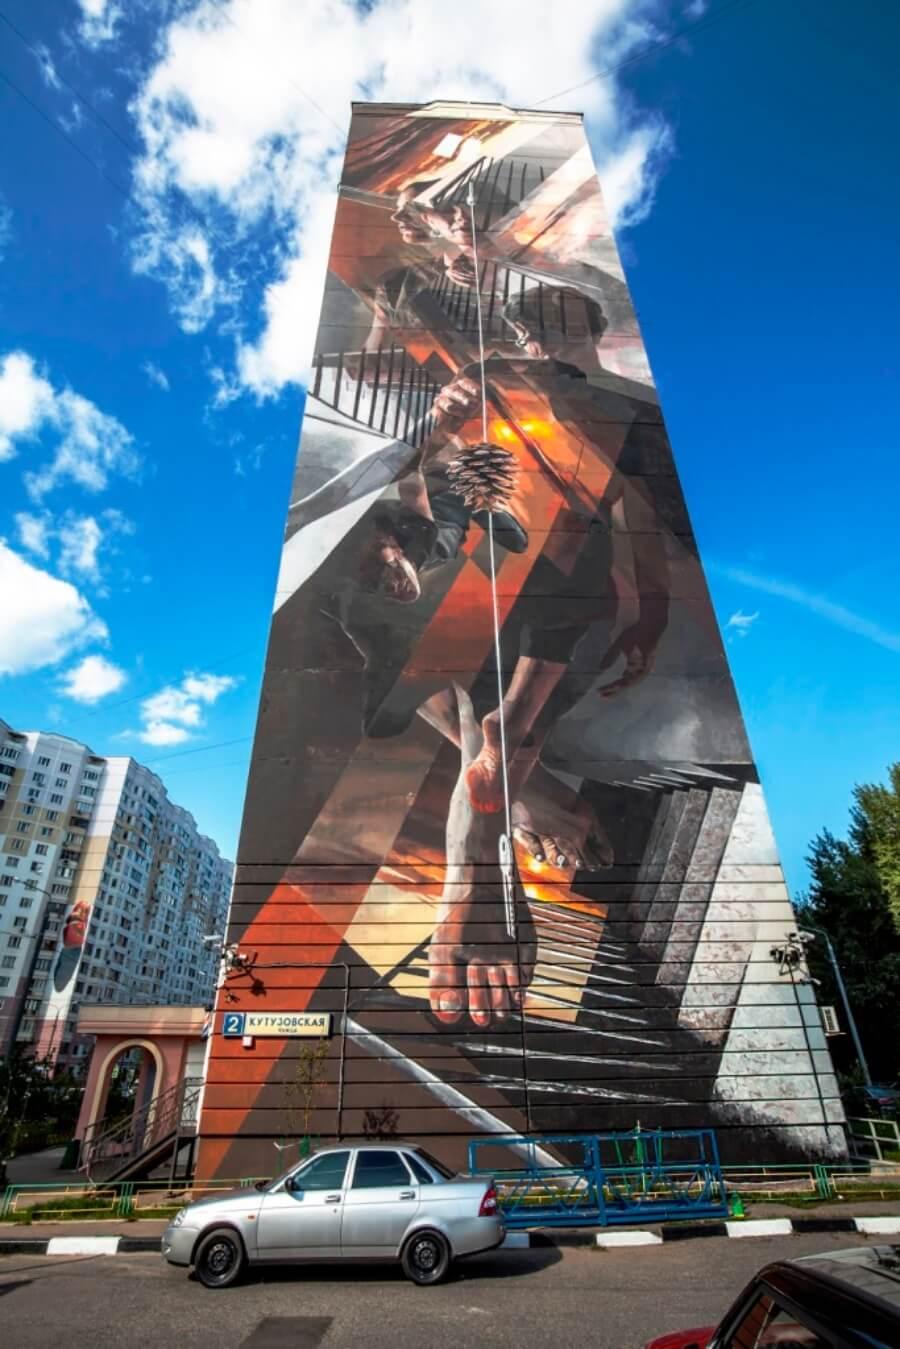 Vesod street art